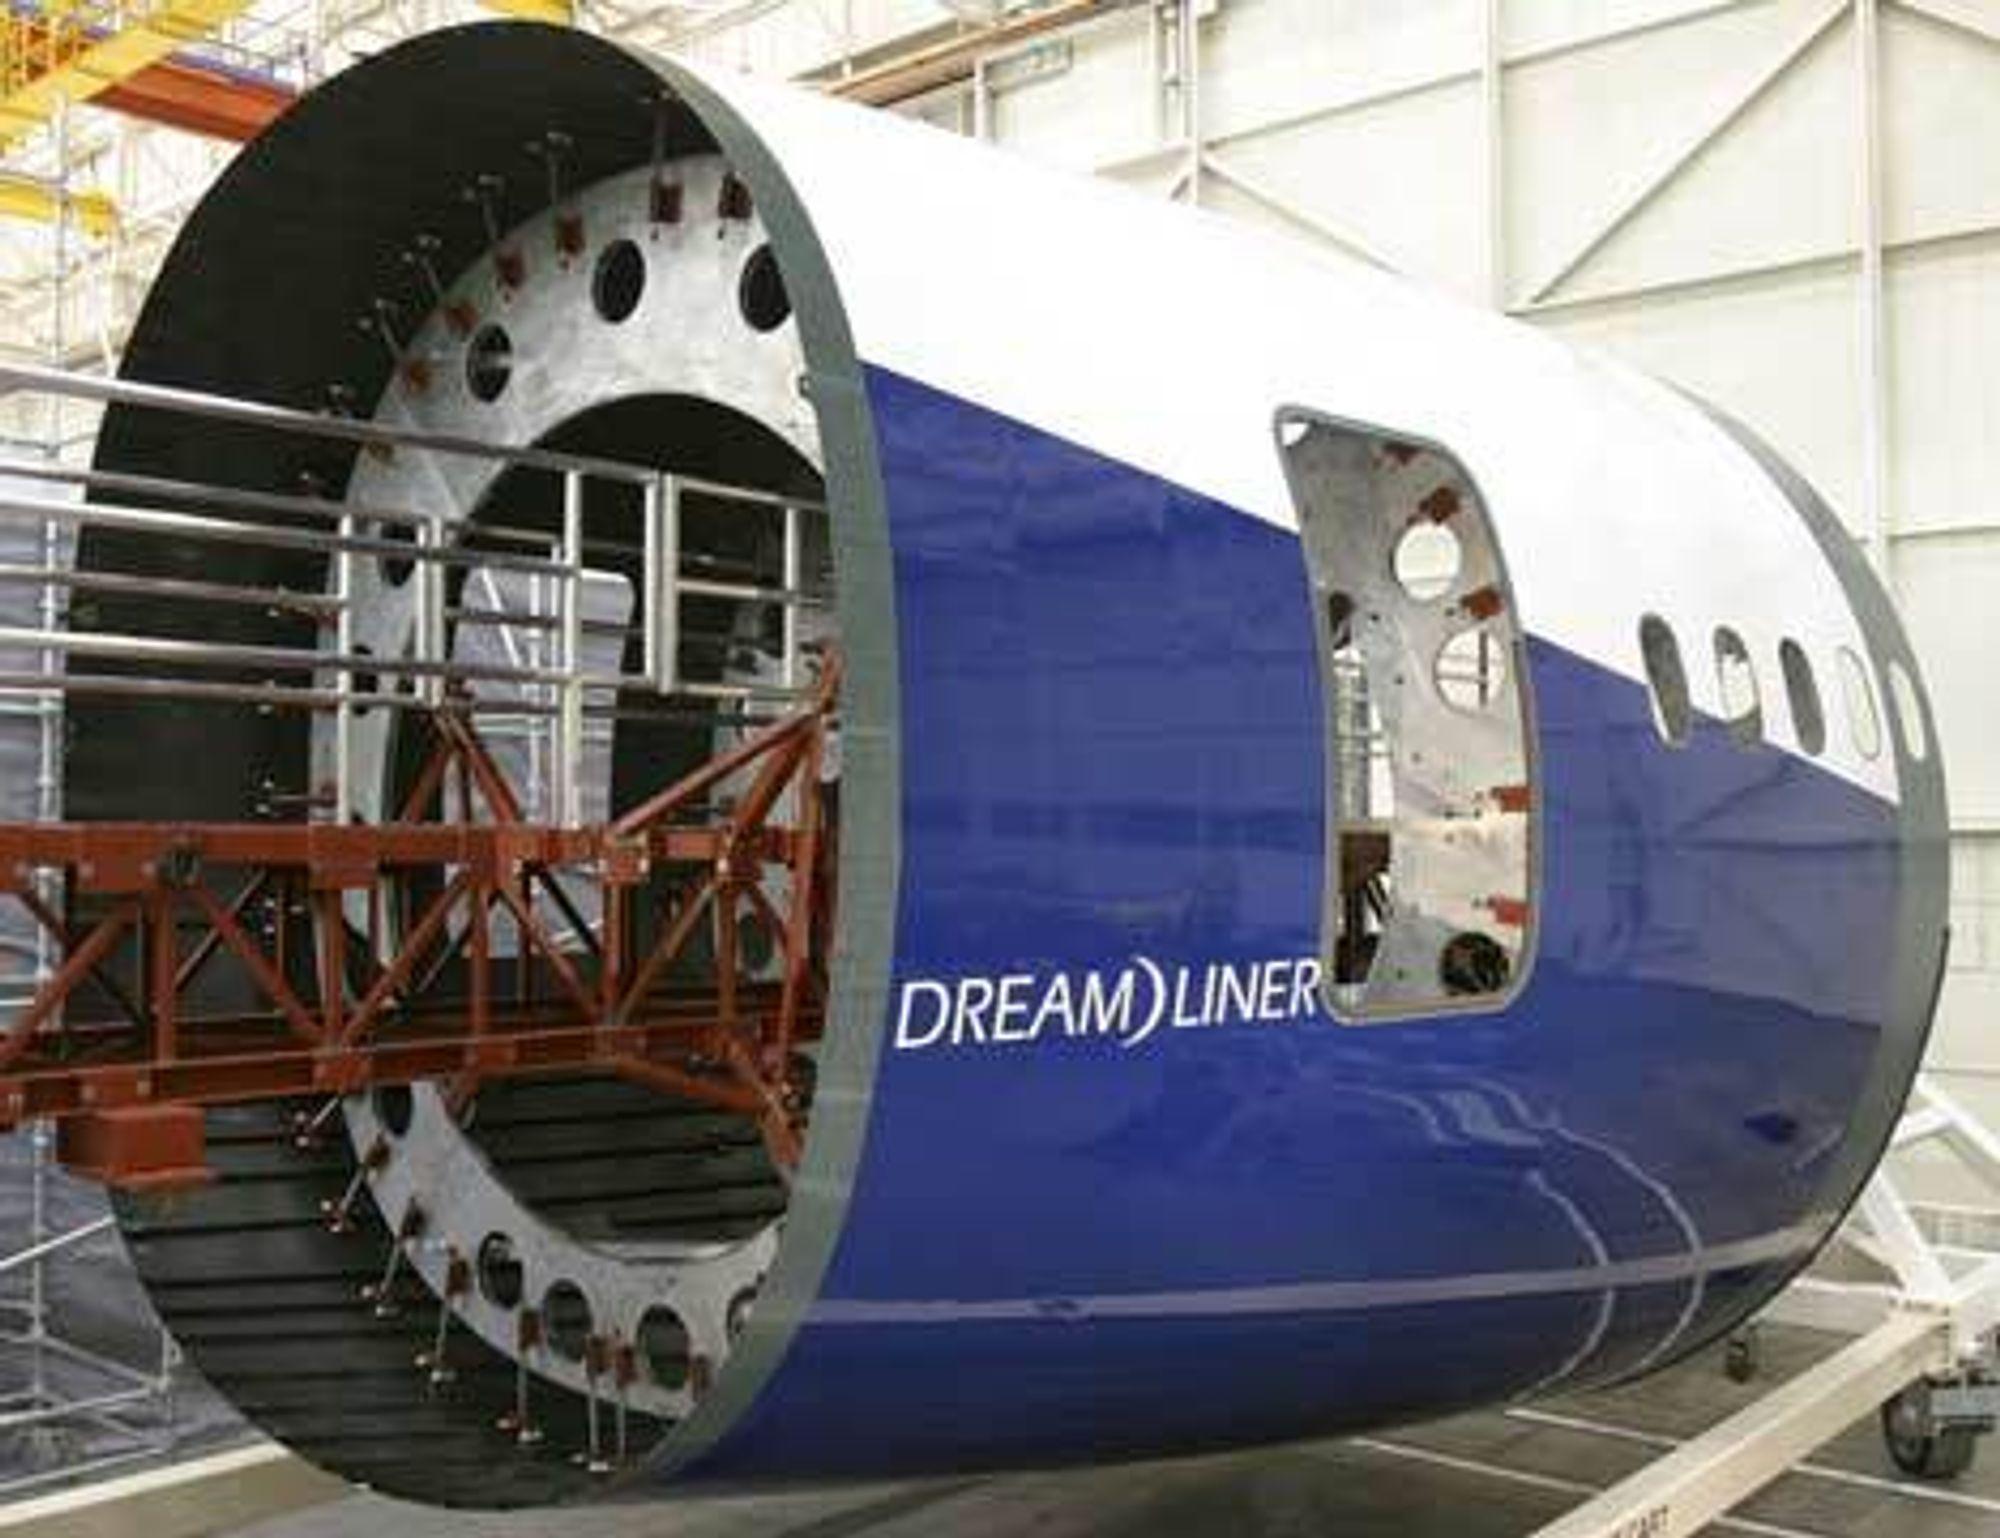 TØNNE: Denne tønna er en sju meter lang og seks meter bred kroppsseksjon til Boeings nye kjappfly, 250-seteren 787 Dreamliner. Seksjonen er bygget ved fabrikken i Everett, Washington.